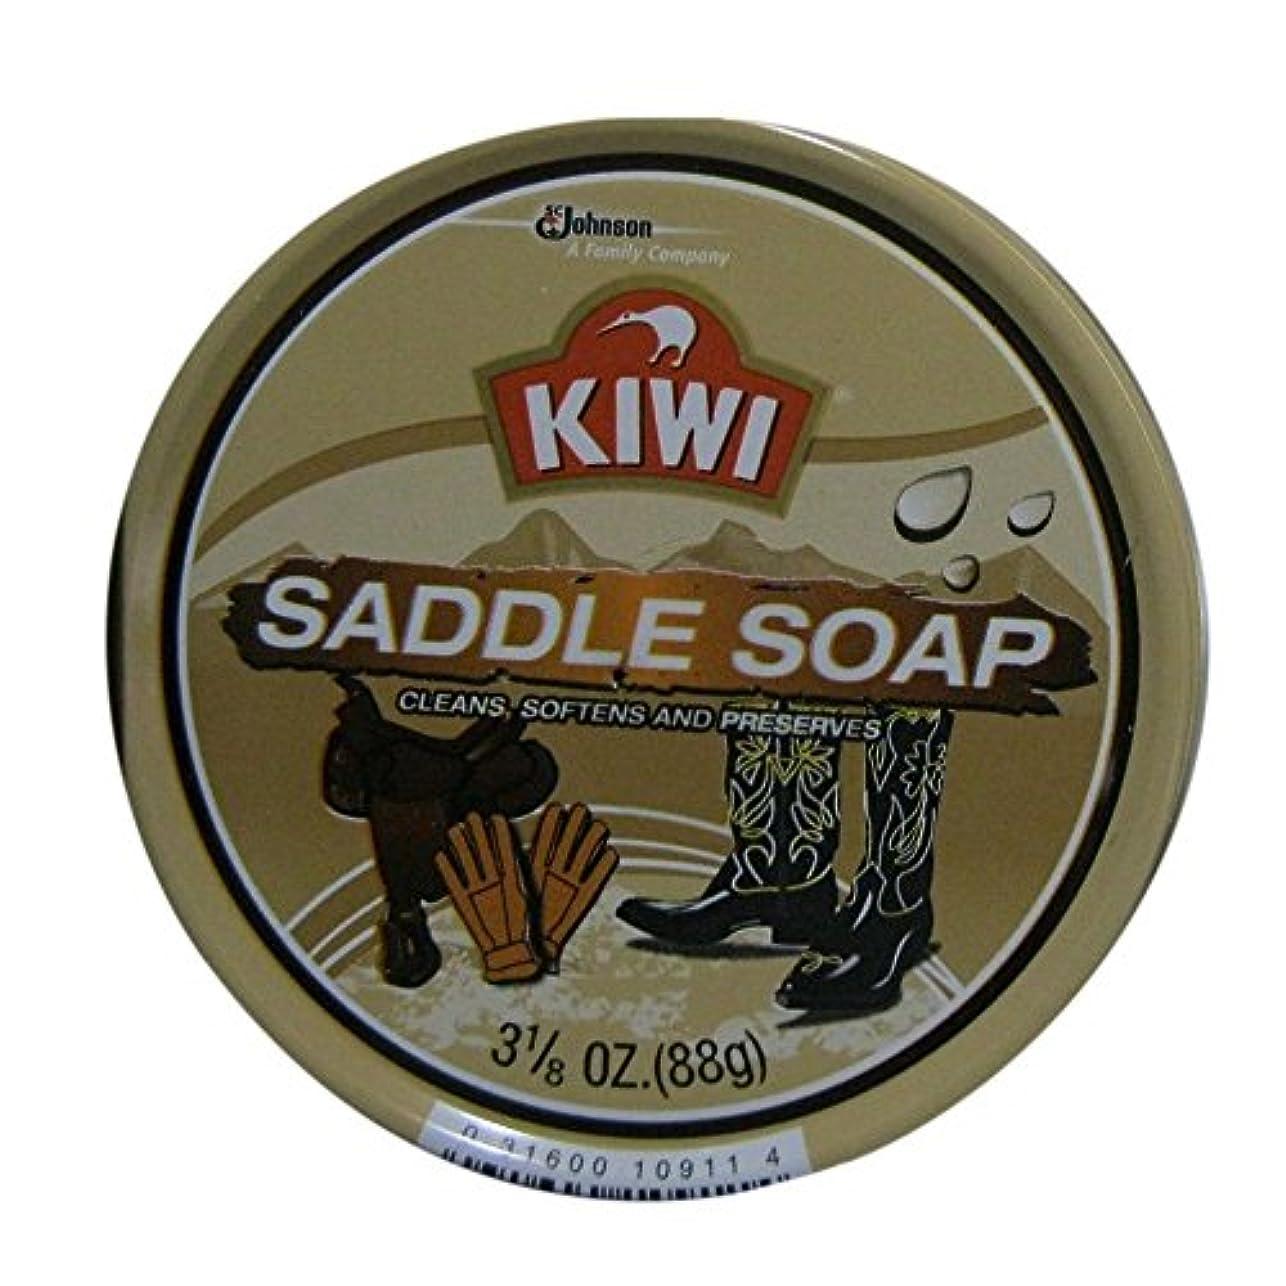 十非公式スーパーマーケットKiwi KIWIハメソープ3.125オンス(5パック) 5パック